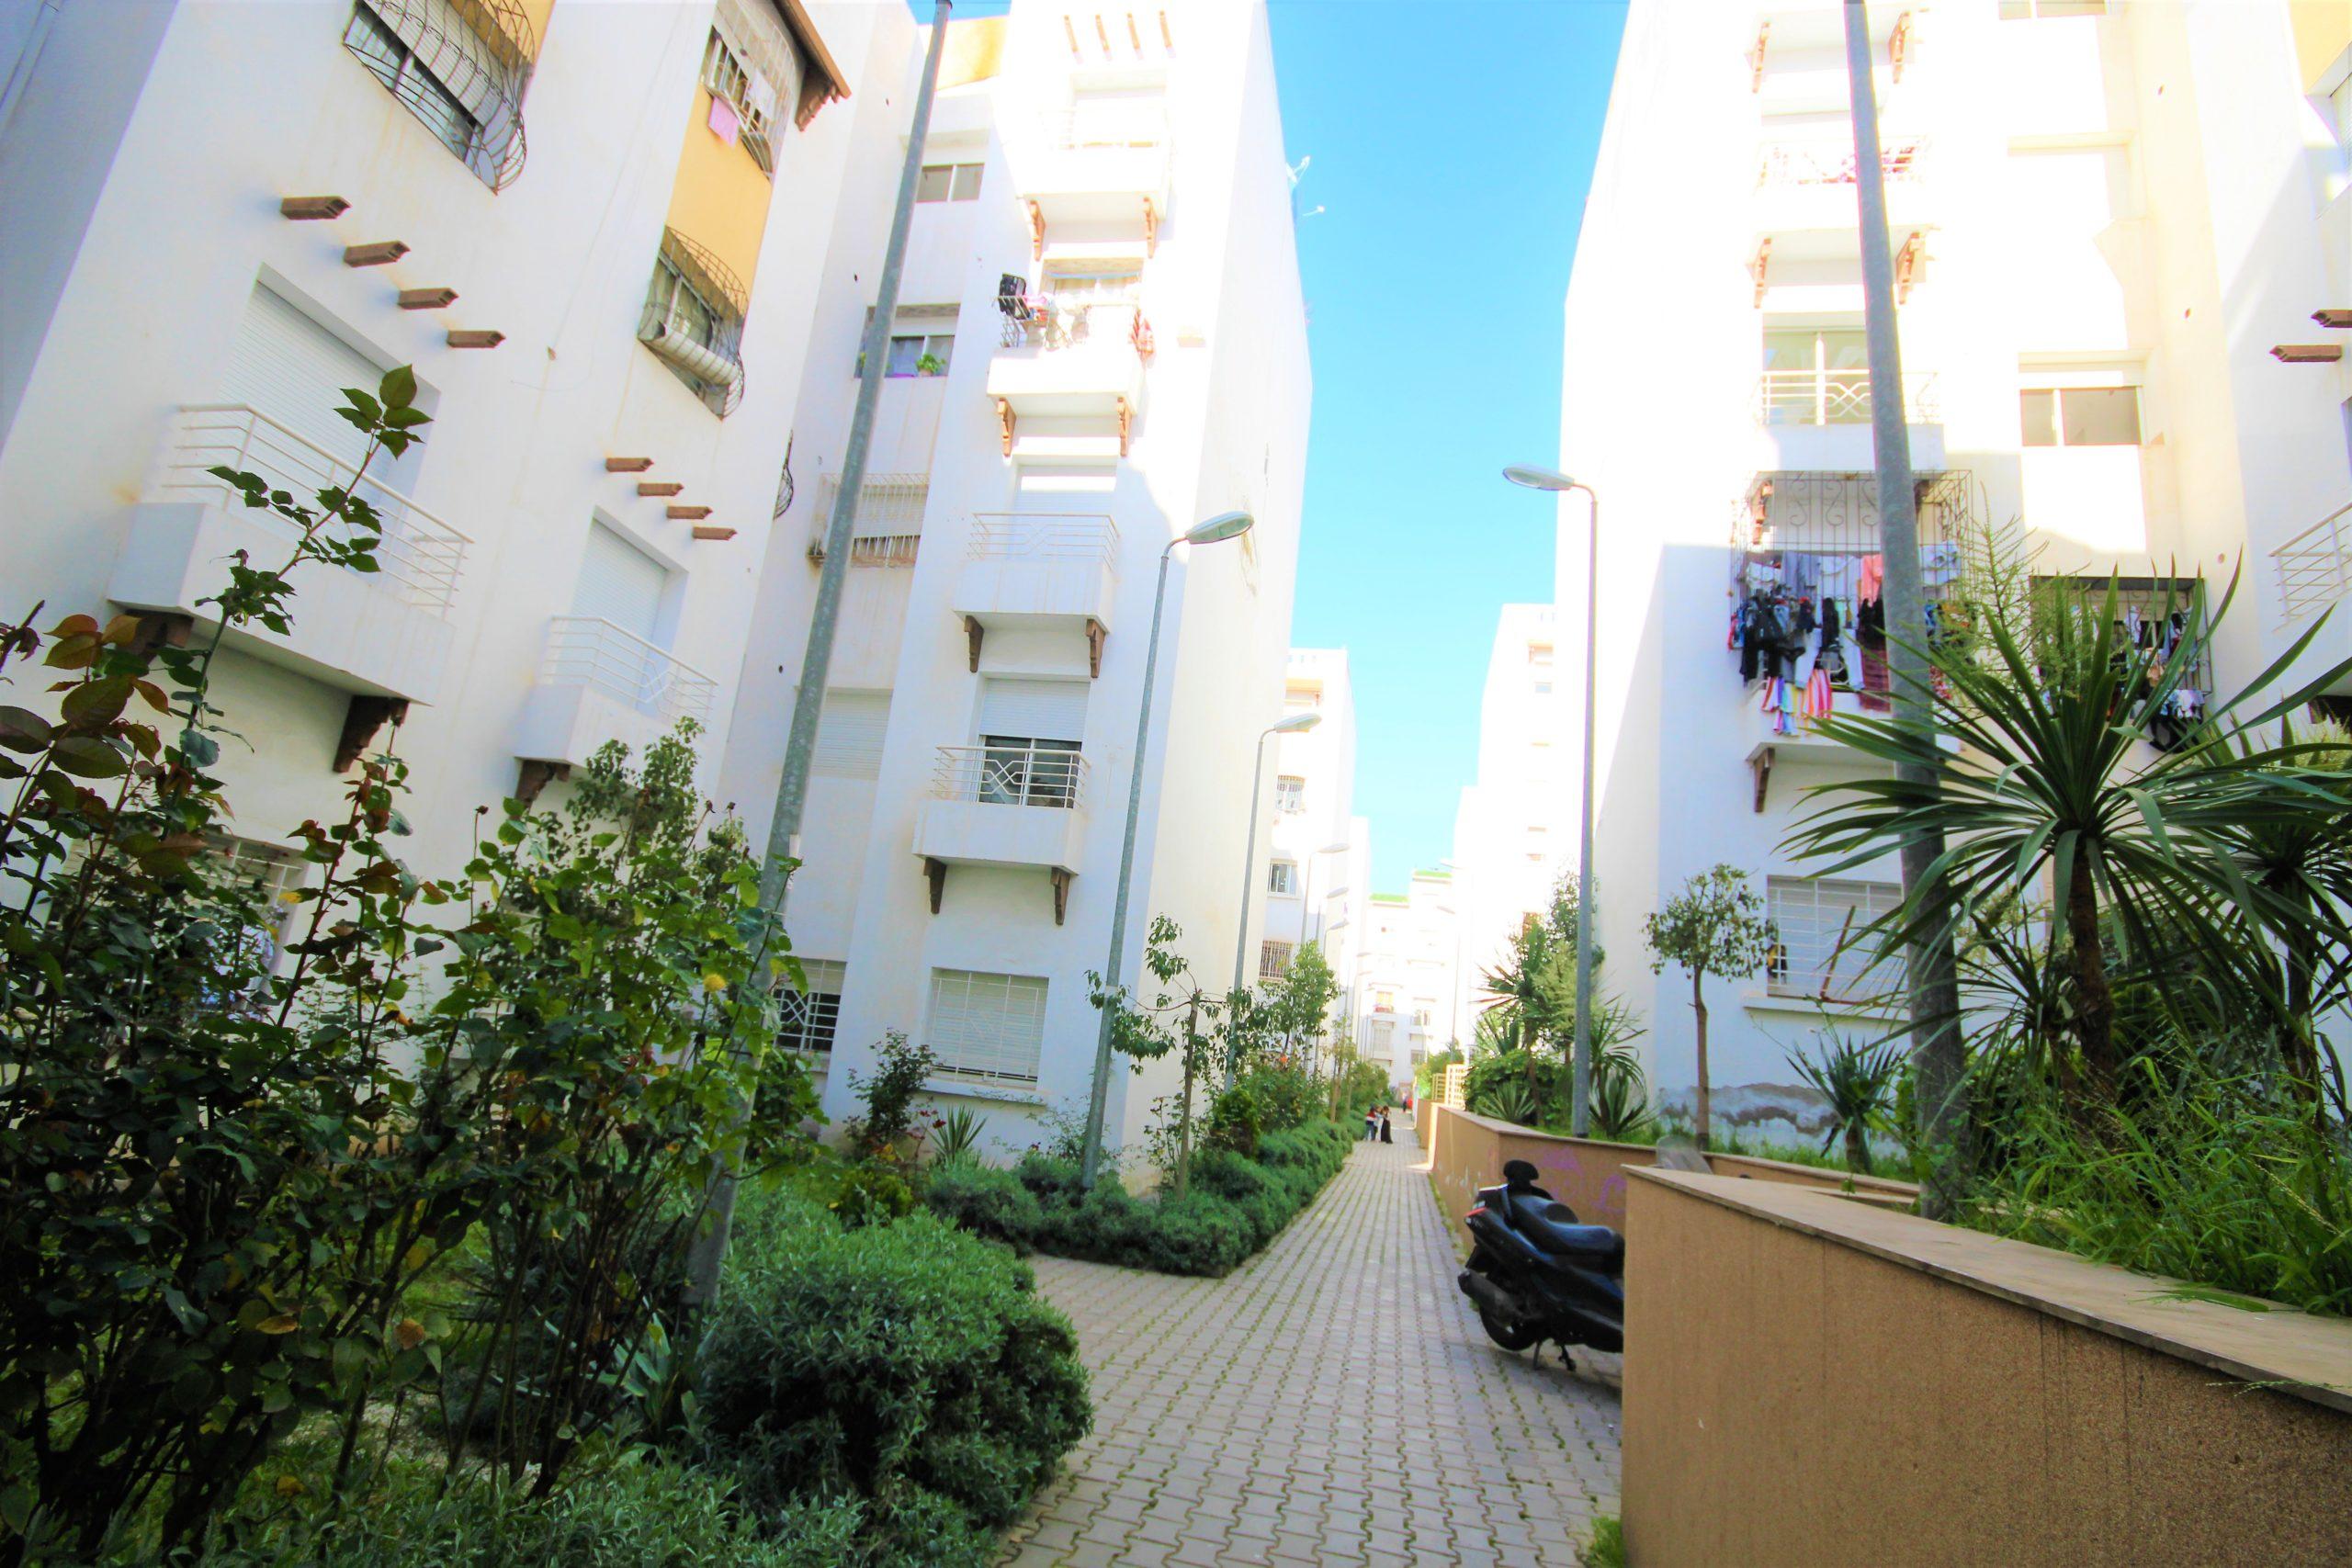 Maroc, MOHAMEDIA- ZENATTA, vend appartement 3 chambres 80 m² a très bon prix